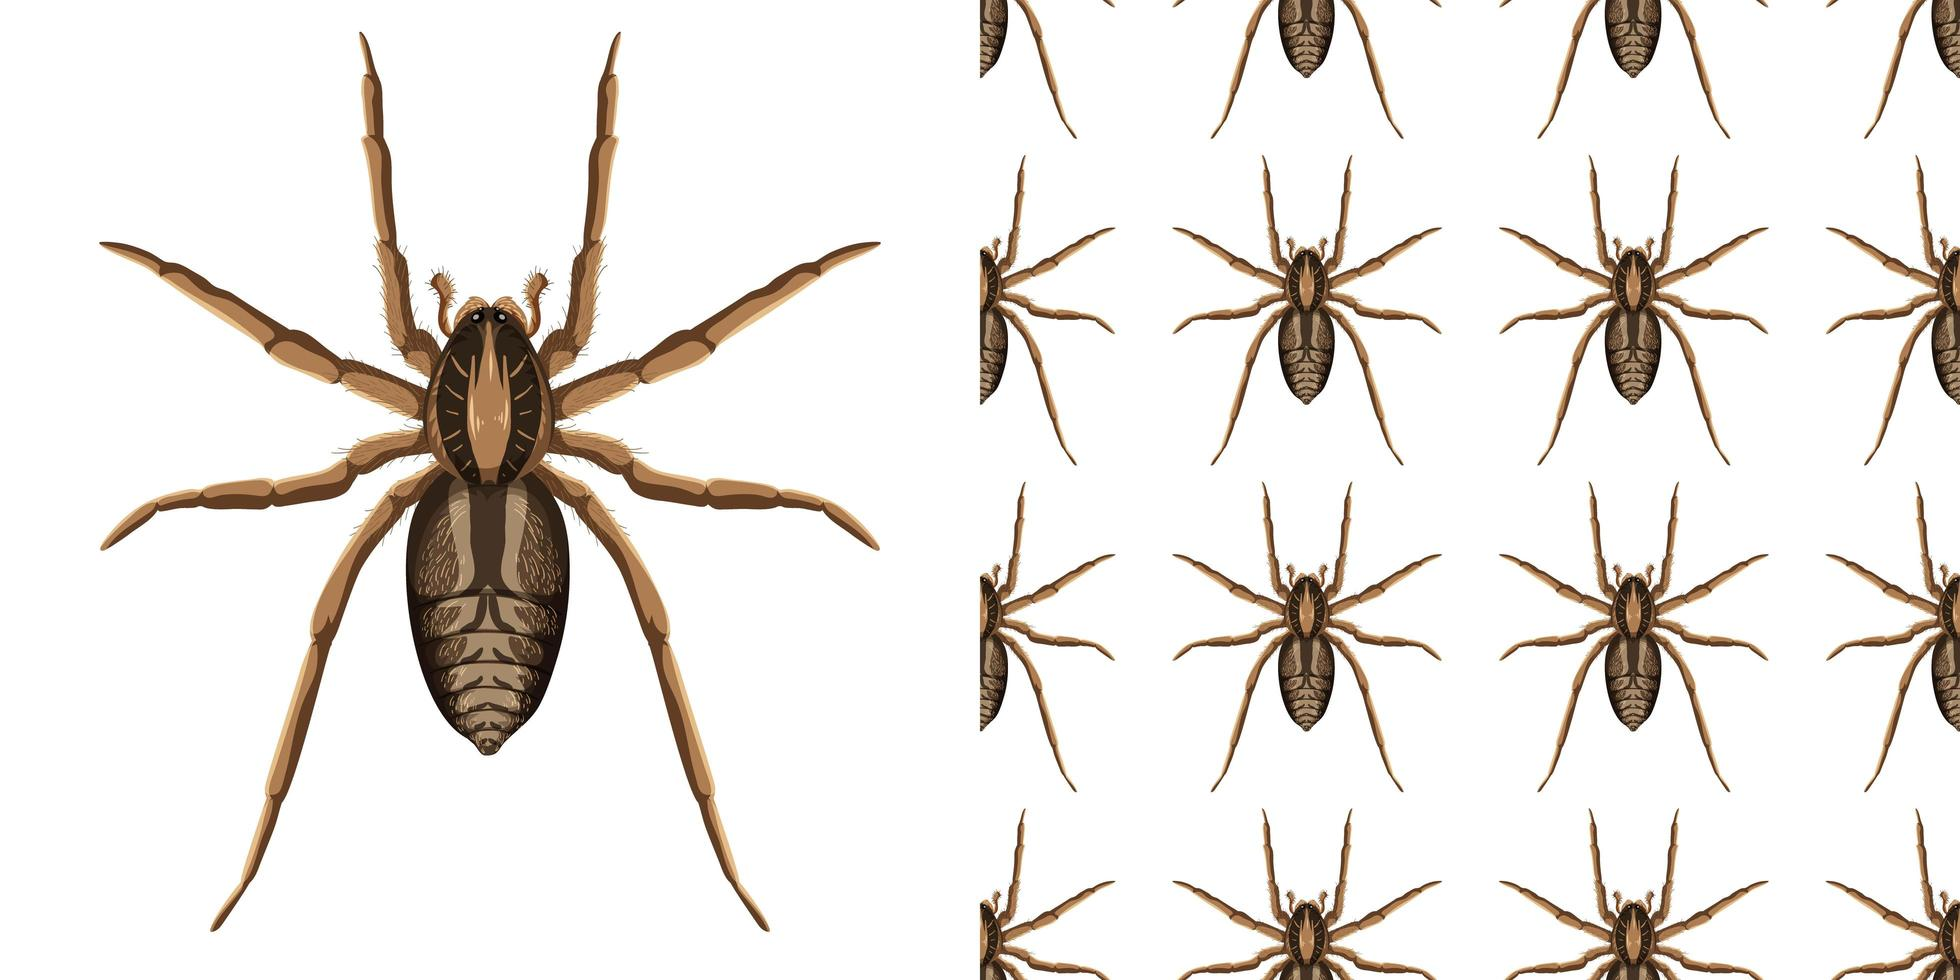 spindelinsekt isolerad på vit bakgrund och sömlös vektor